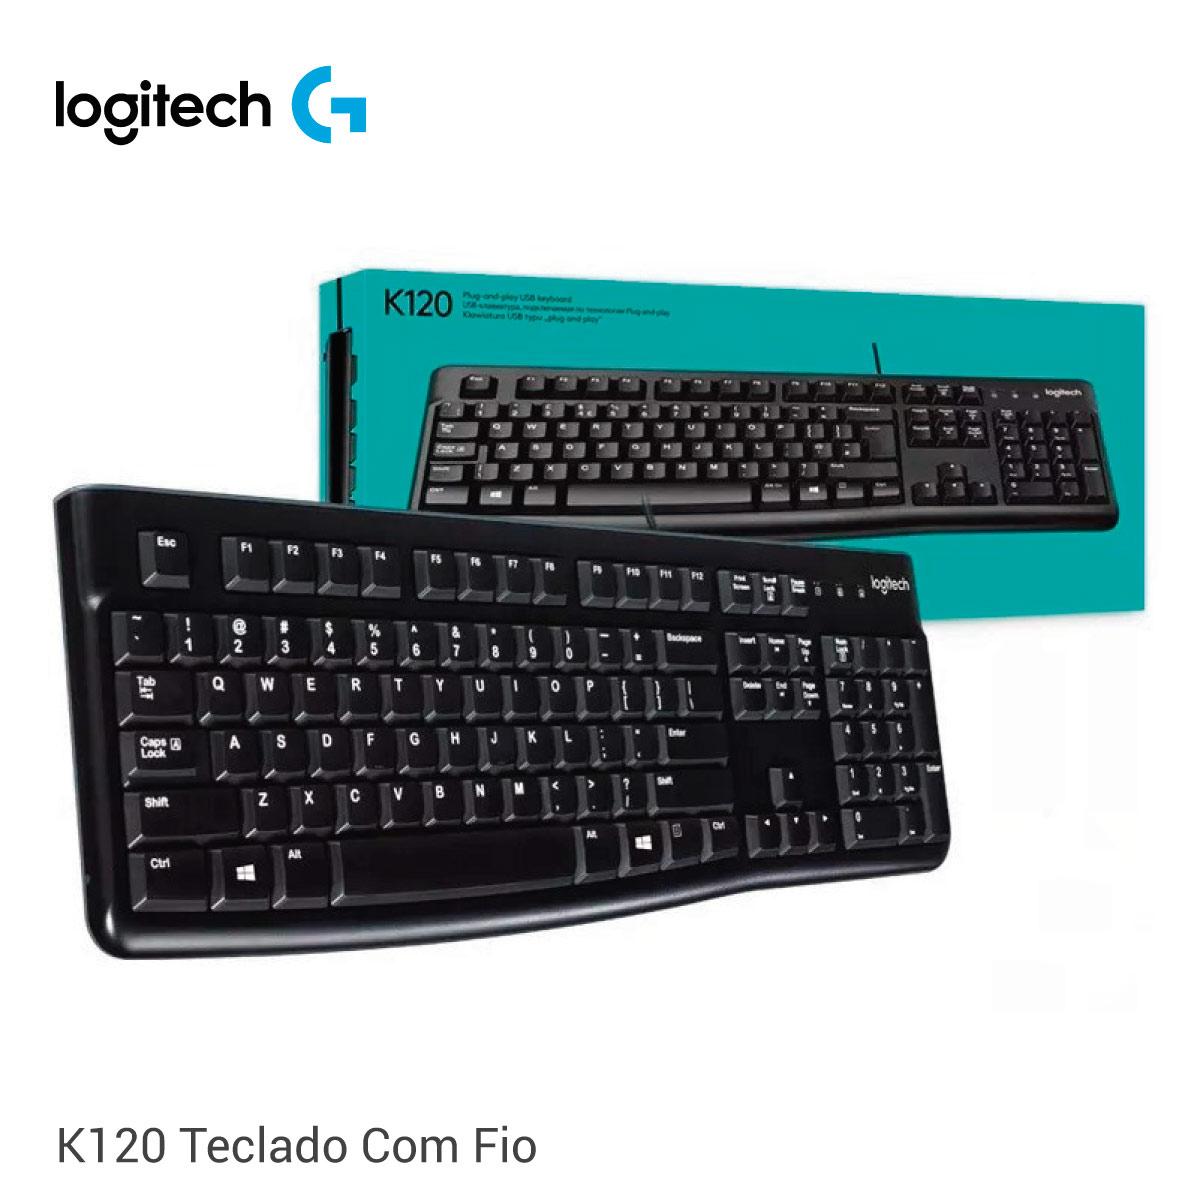 Teclado Logitech K120 Com Fio  - GO AUTOMAÇÃO